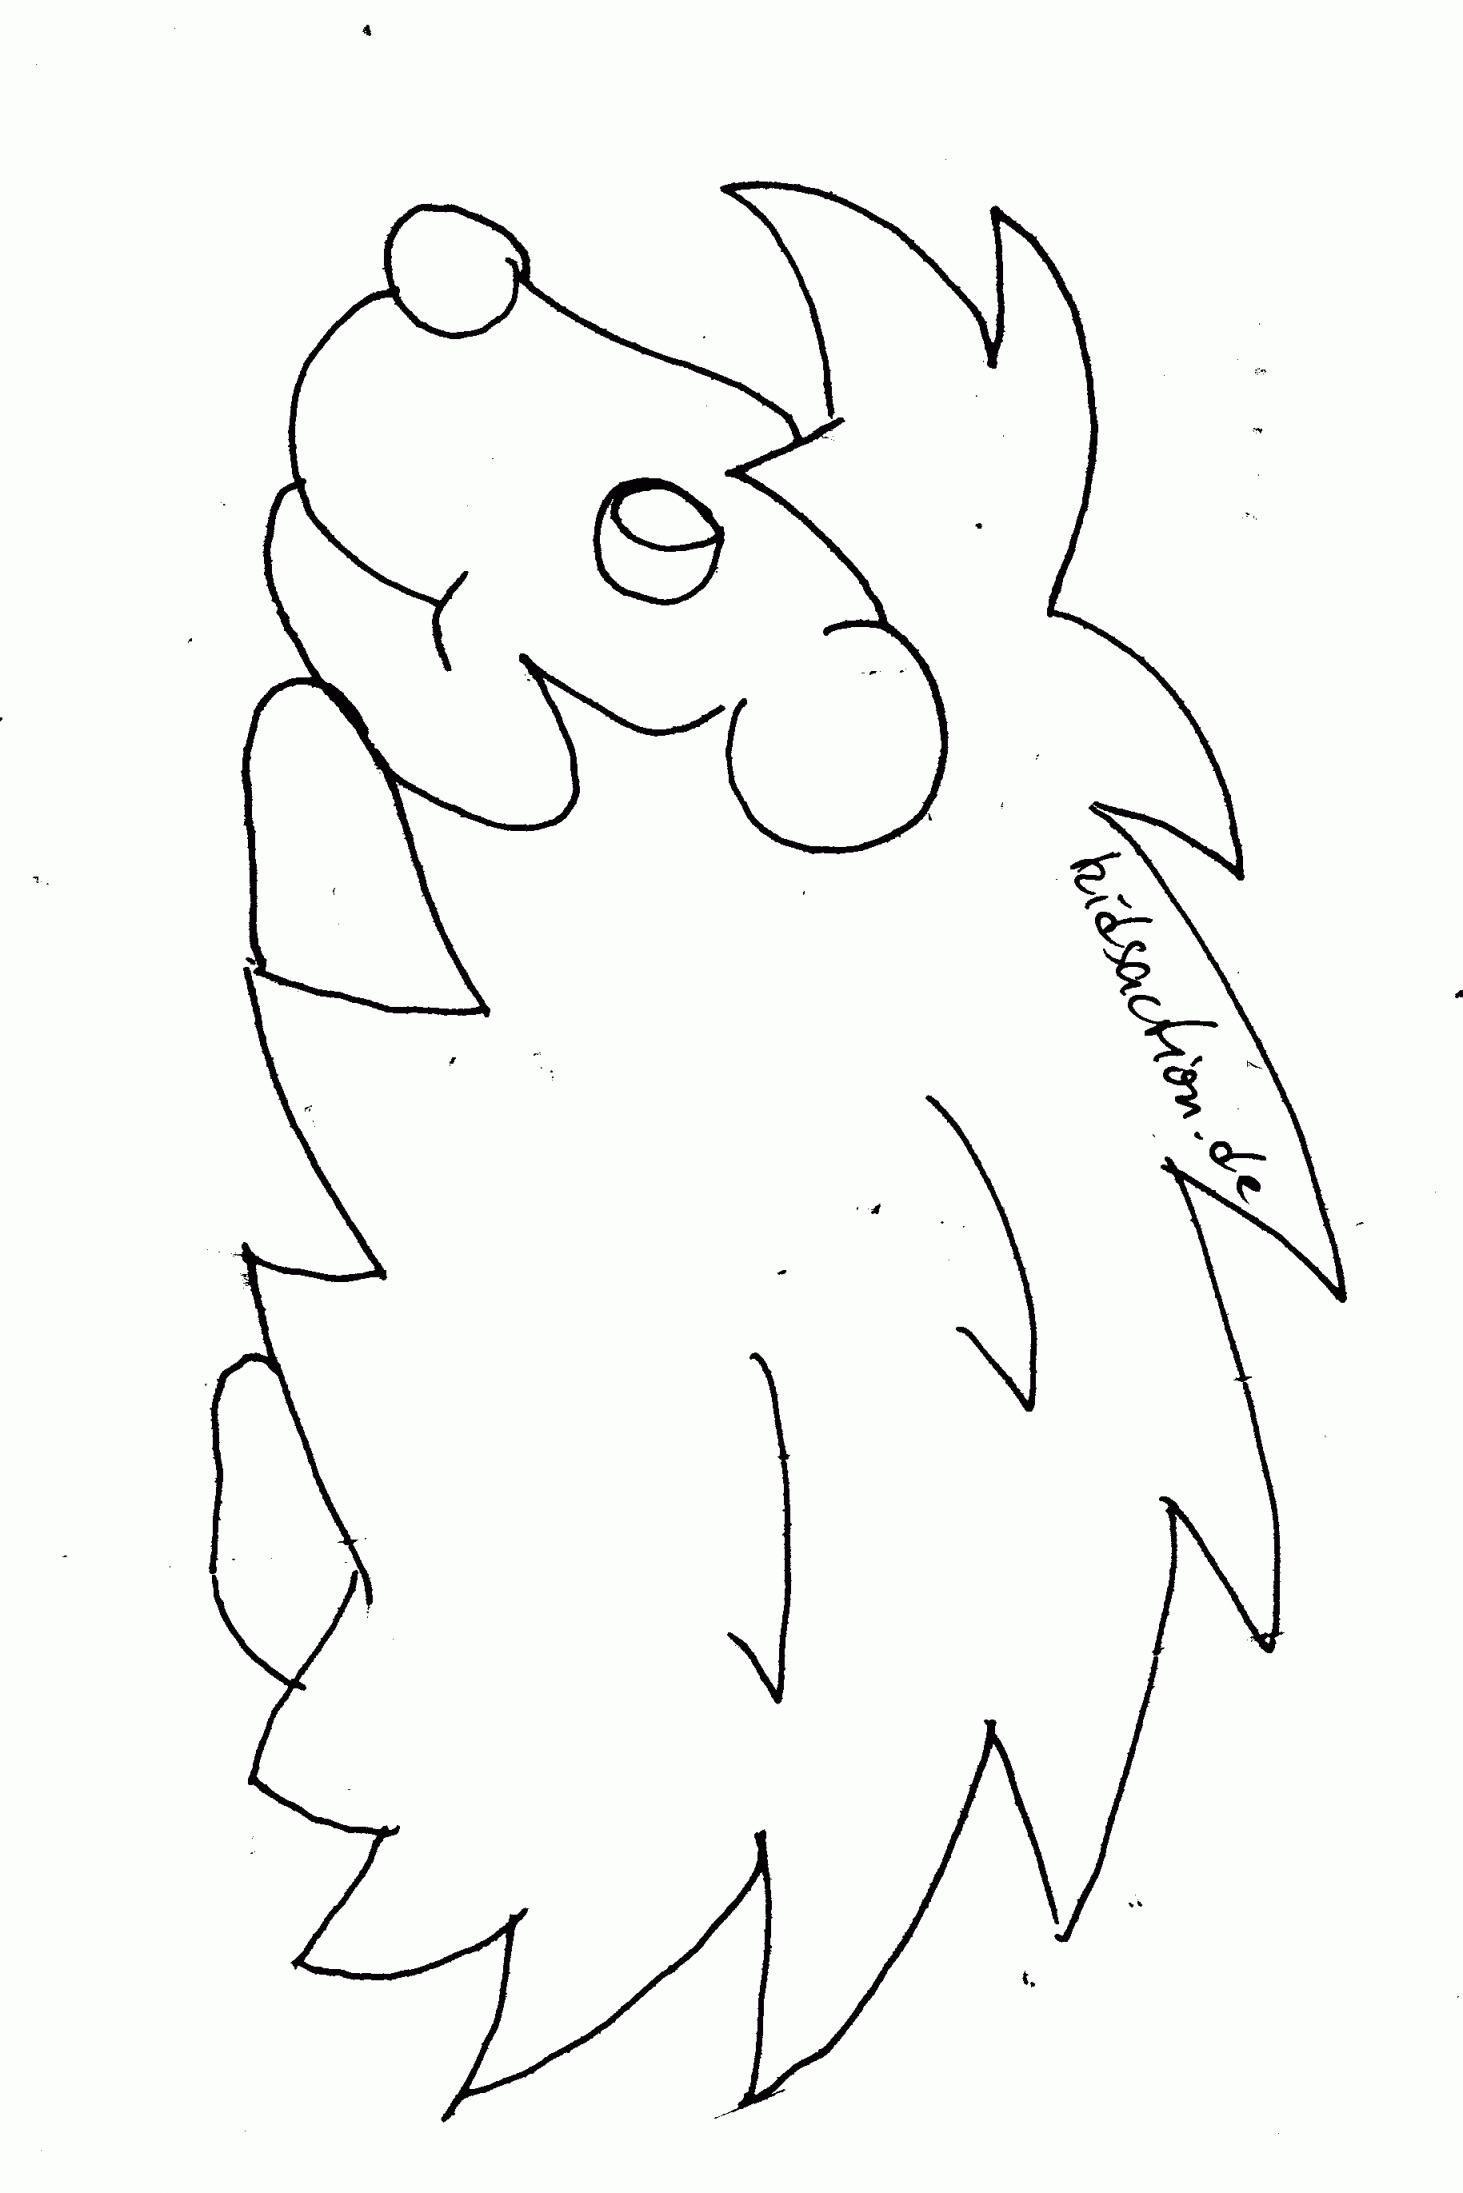 My Little Pony Pinkie Pie Ausmalbilder Das Beste Von Elegant Print Happy Pinkie Pie My Little Pony Coloring Pages Living Das Bild